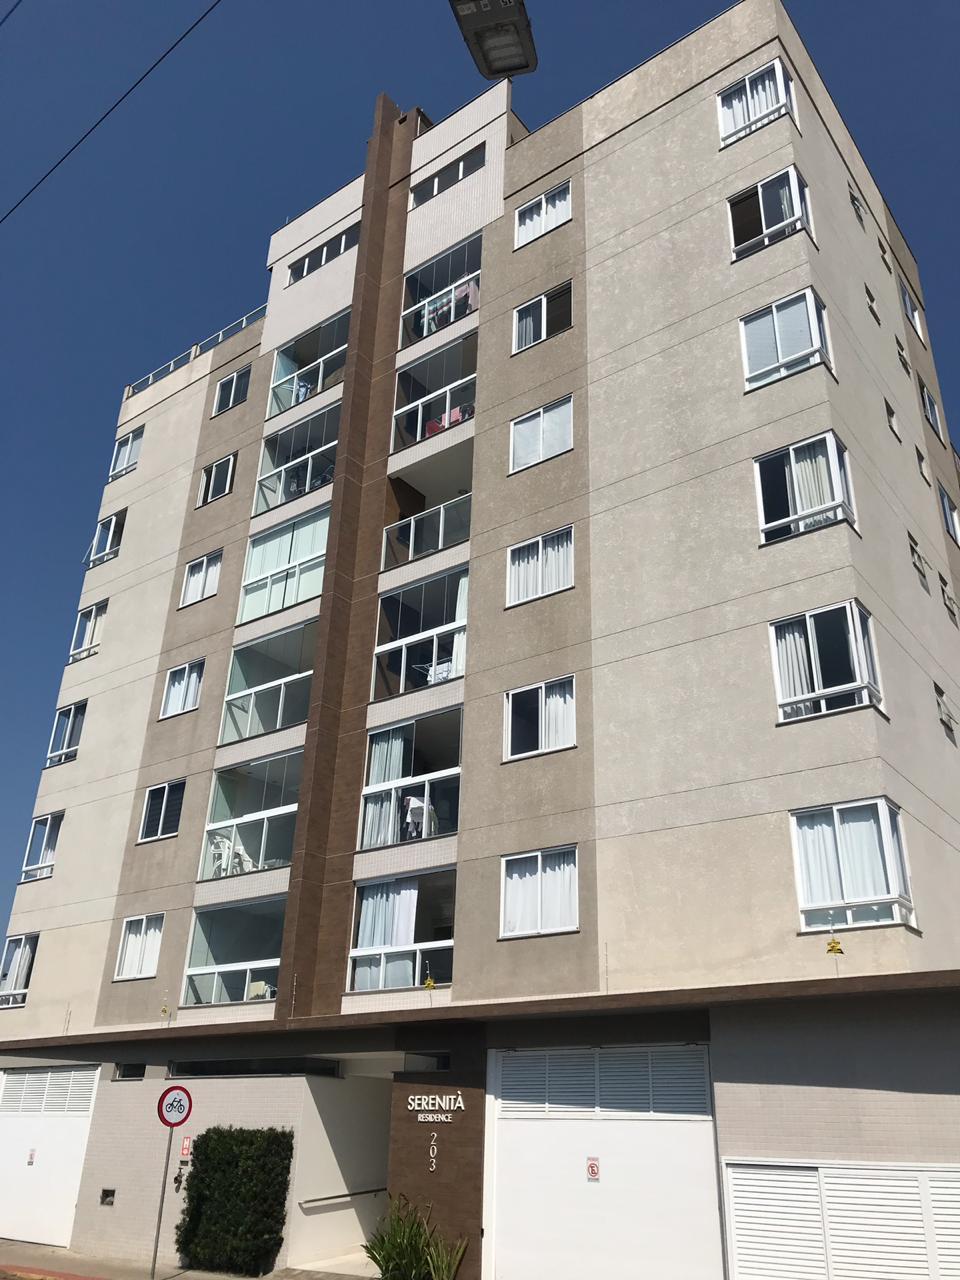 Código: 2901 – Residencial Serenitá – Nova Brasília – MI nº 83.526